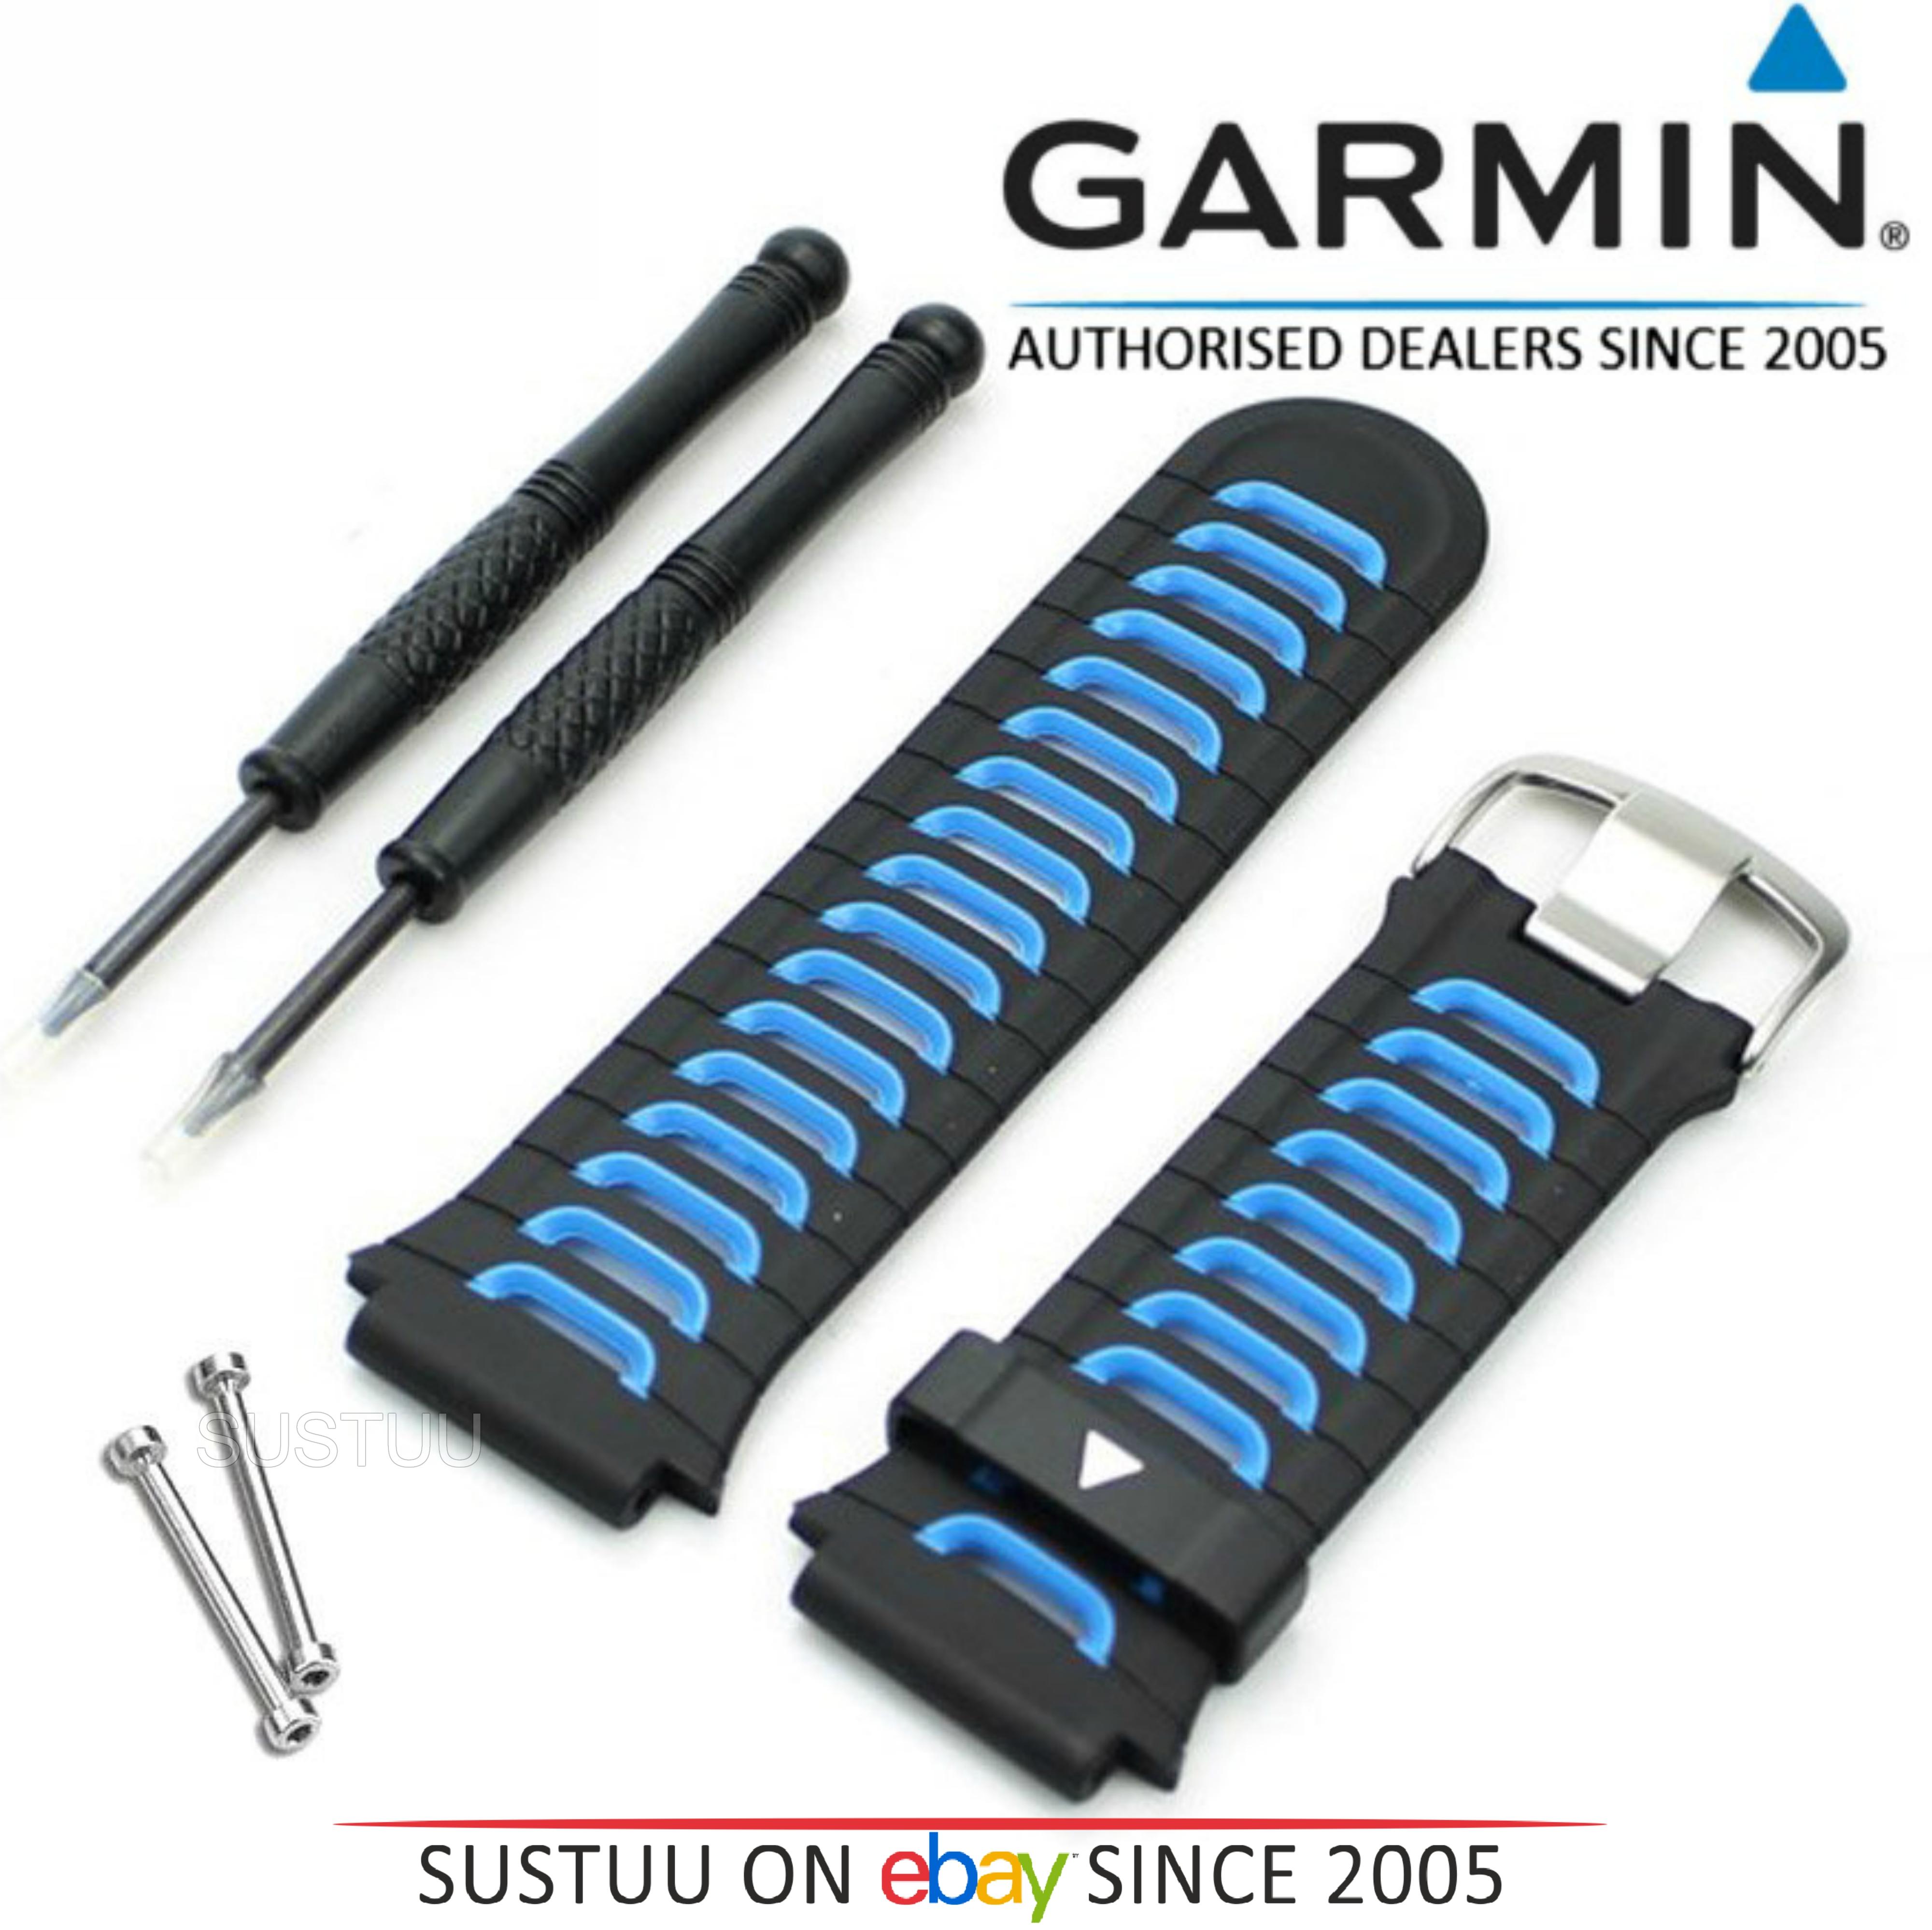 NEW Garmin 010-11251-41 Replacement Watch Band Strap?Forerunner 920XT?Blue/Black